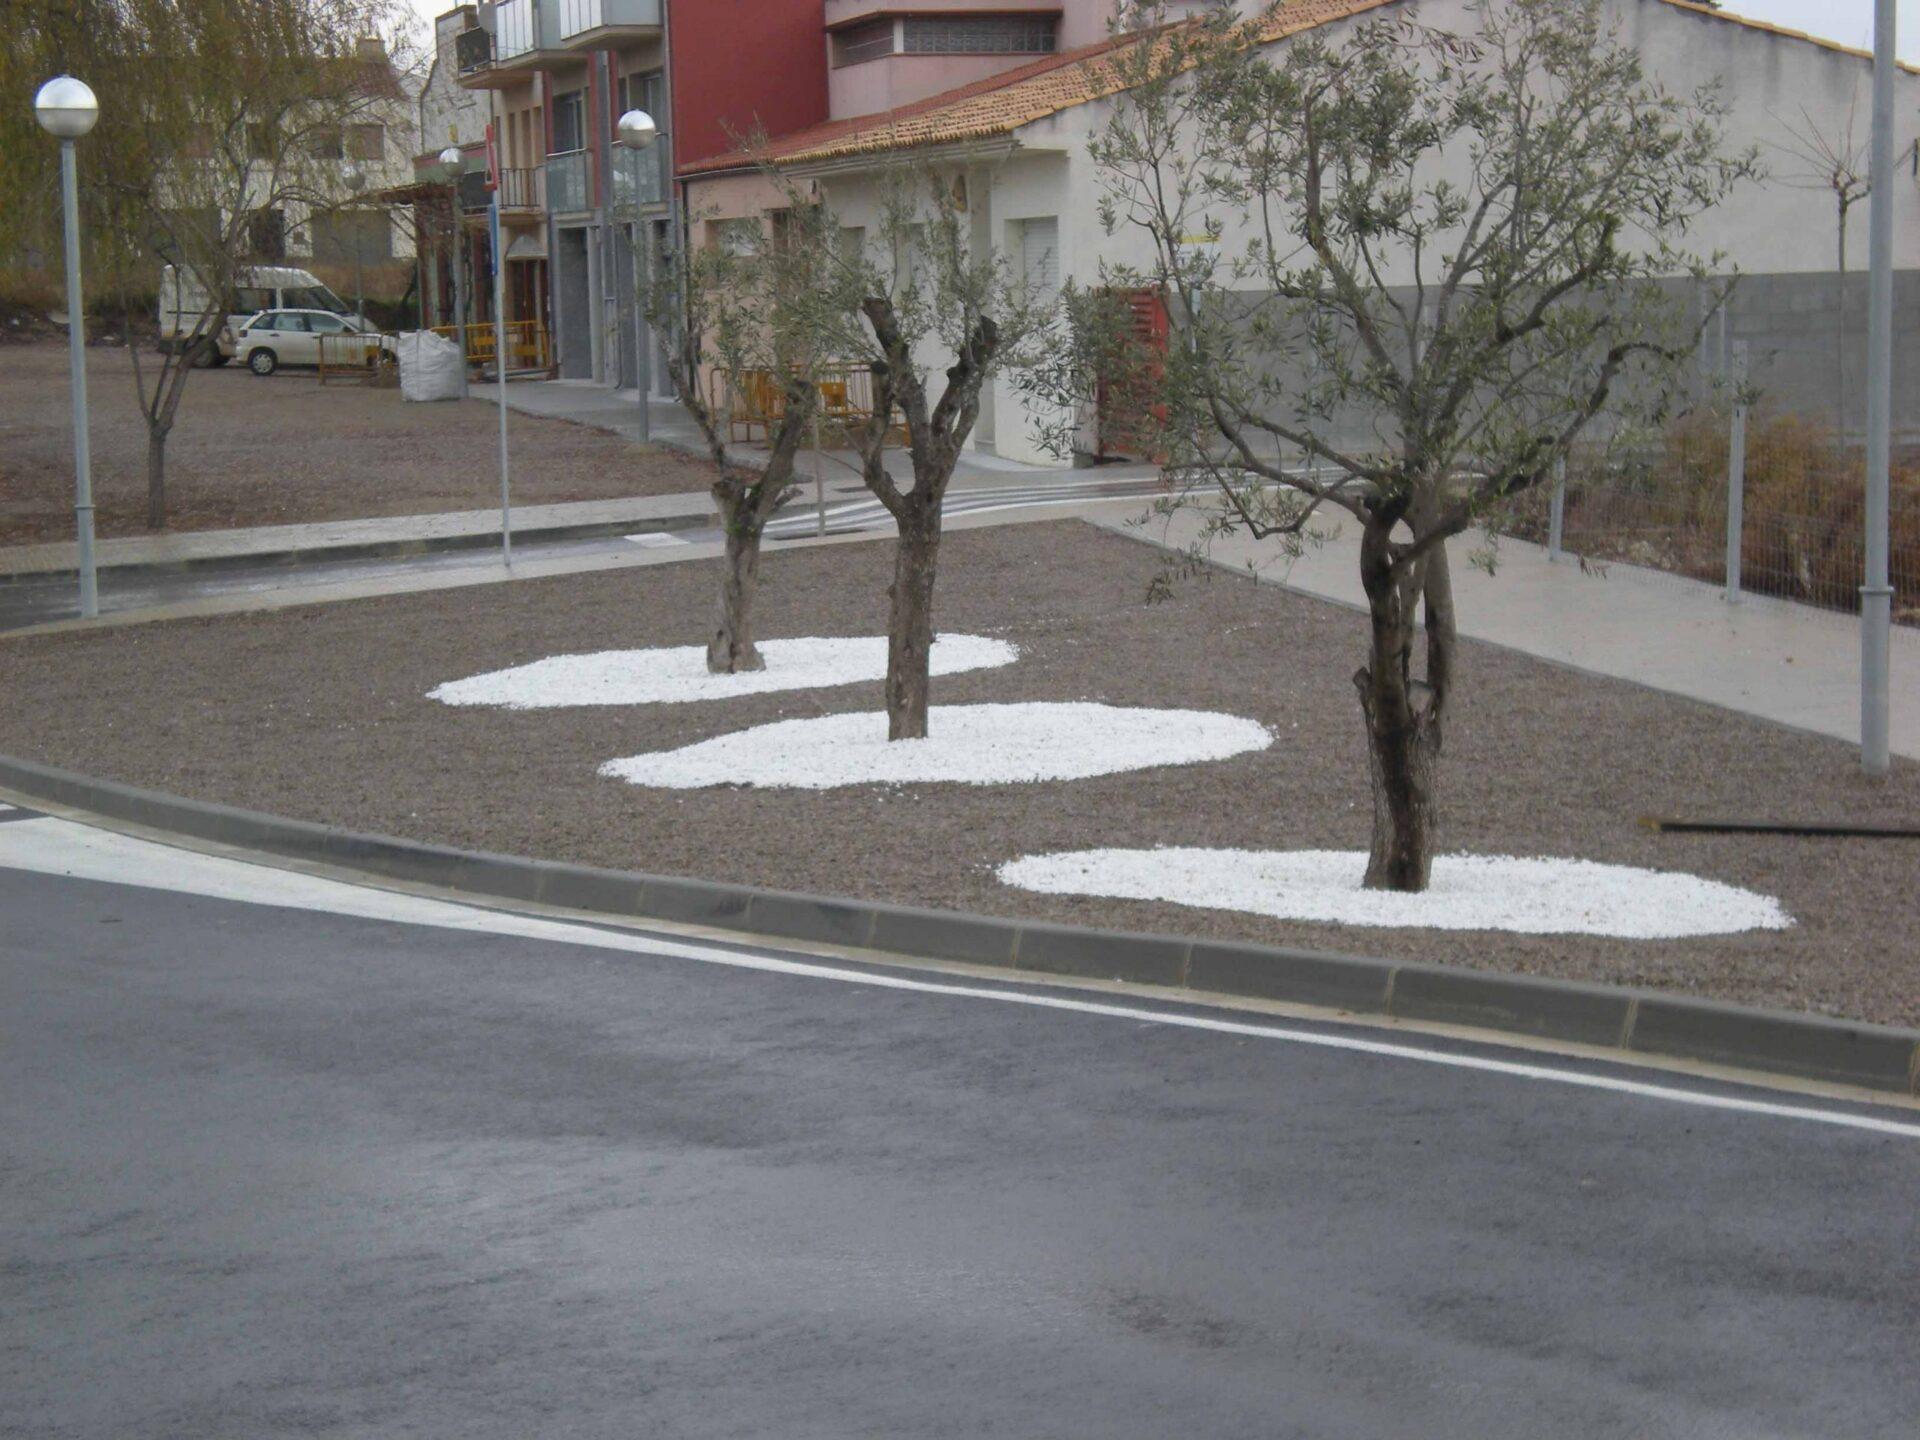 Obra nova de jardineria a Les Cabanyes